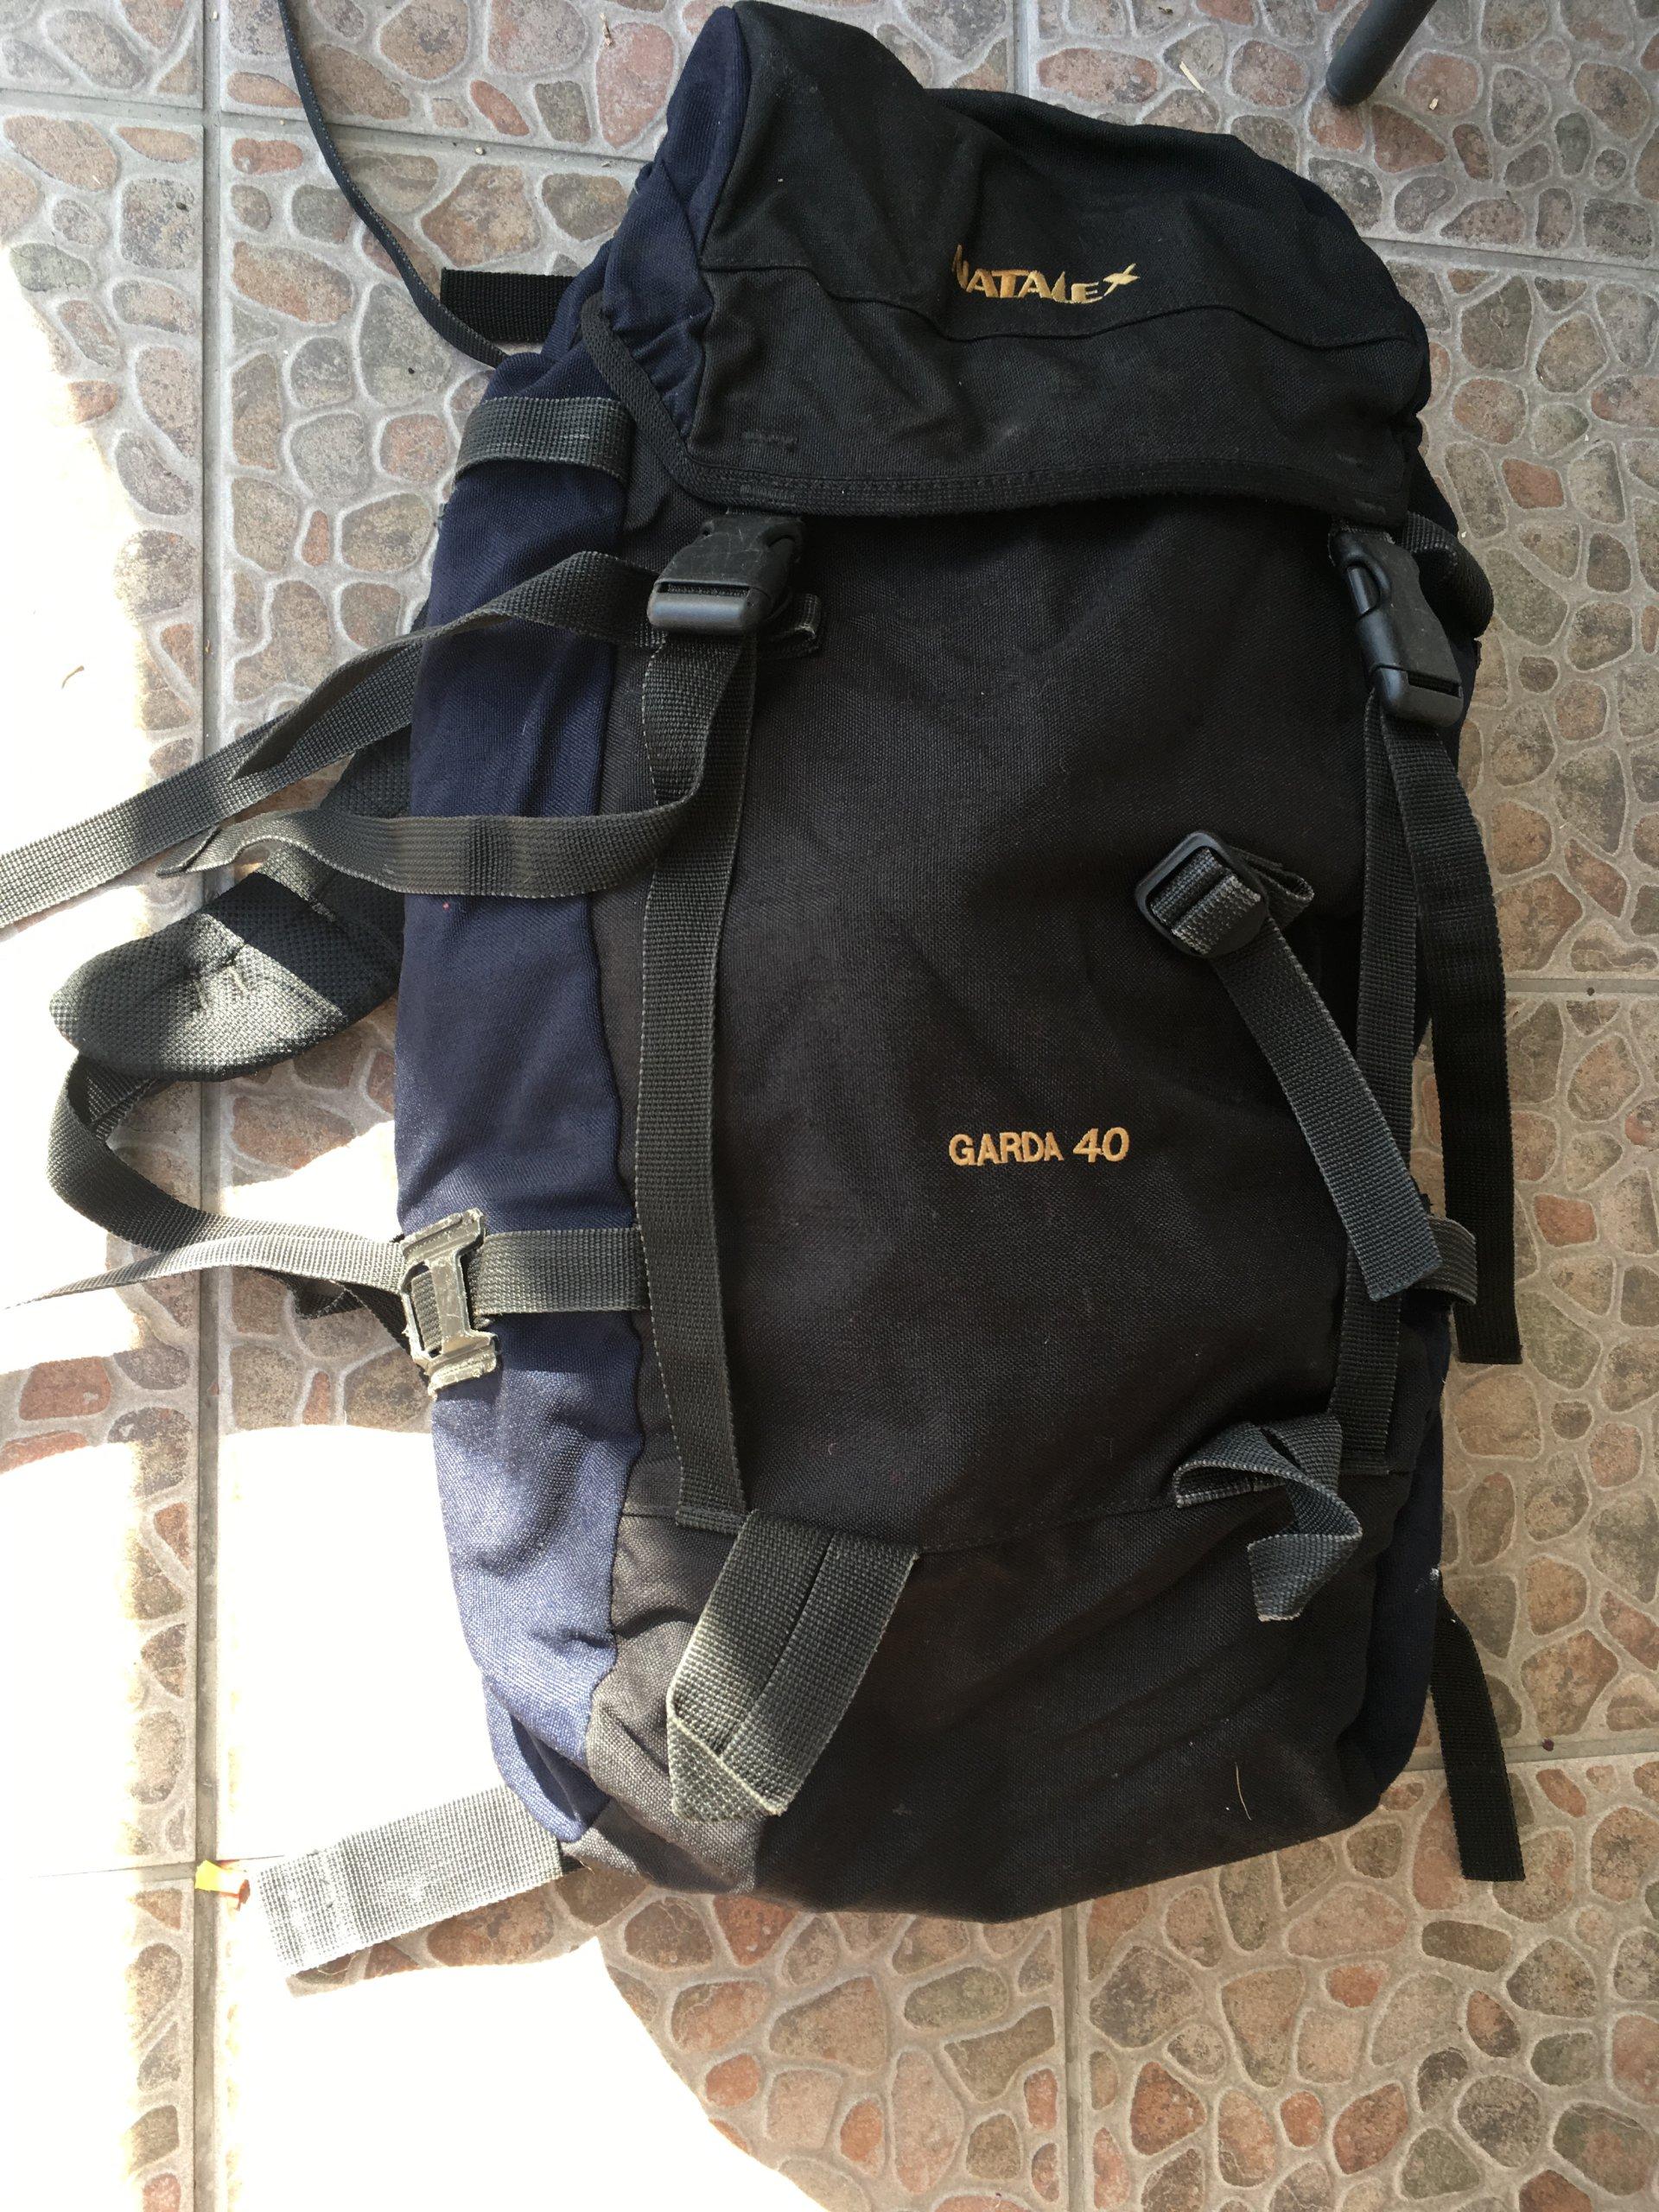 a9b558d1ebf0f Plecak Natalex Garda 40 - mercedes wśród plecaków - 7332369564 ...